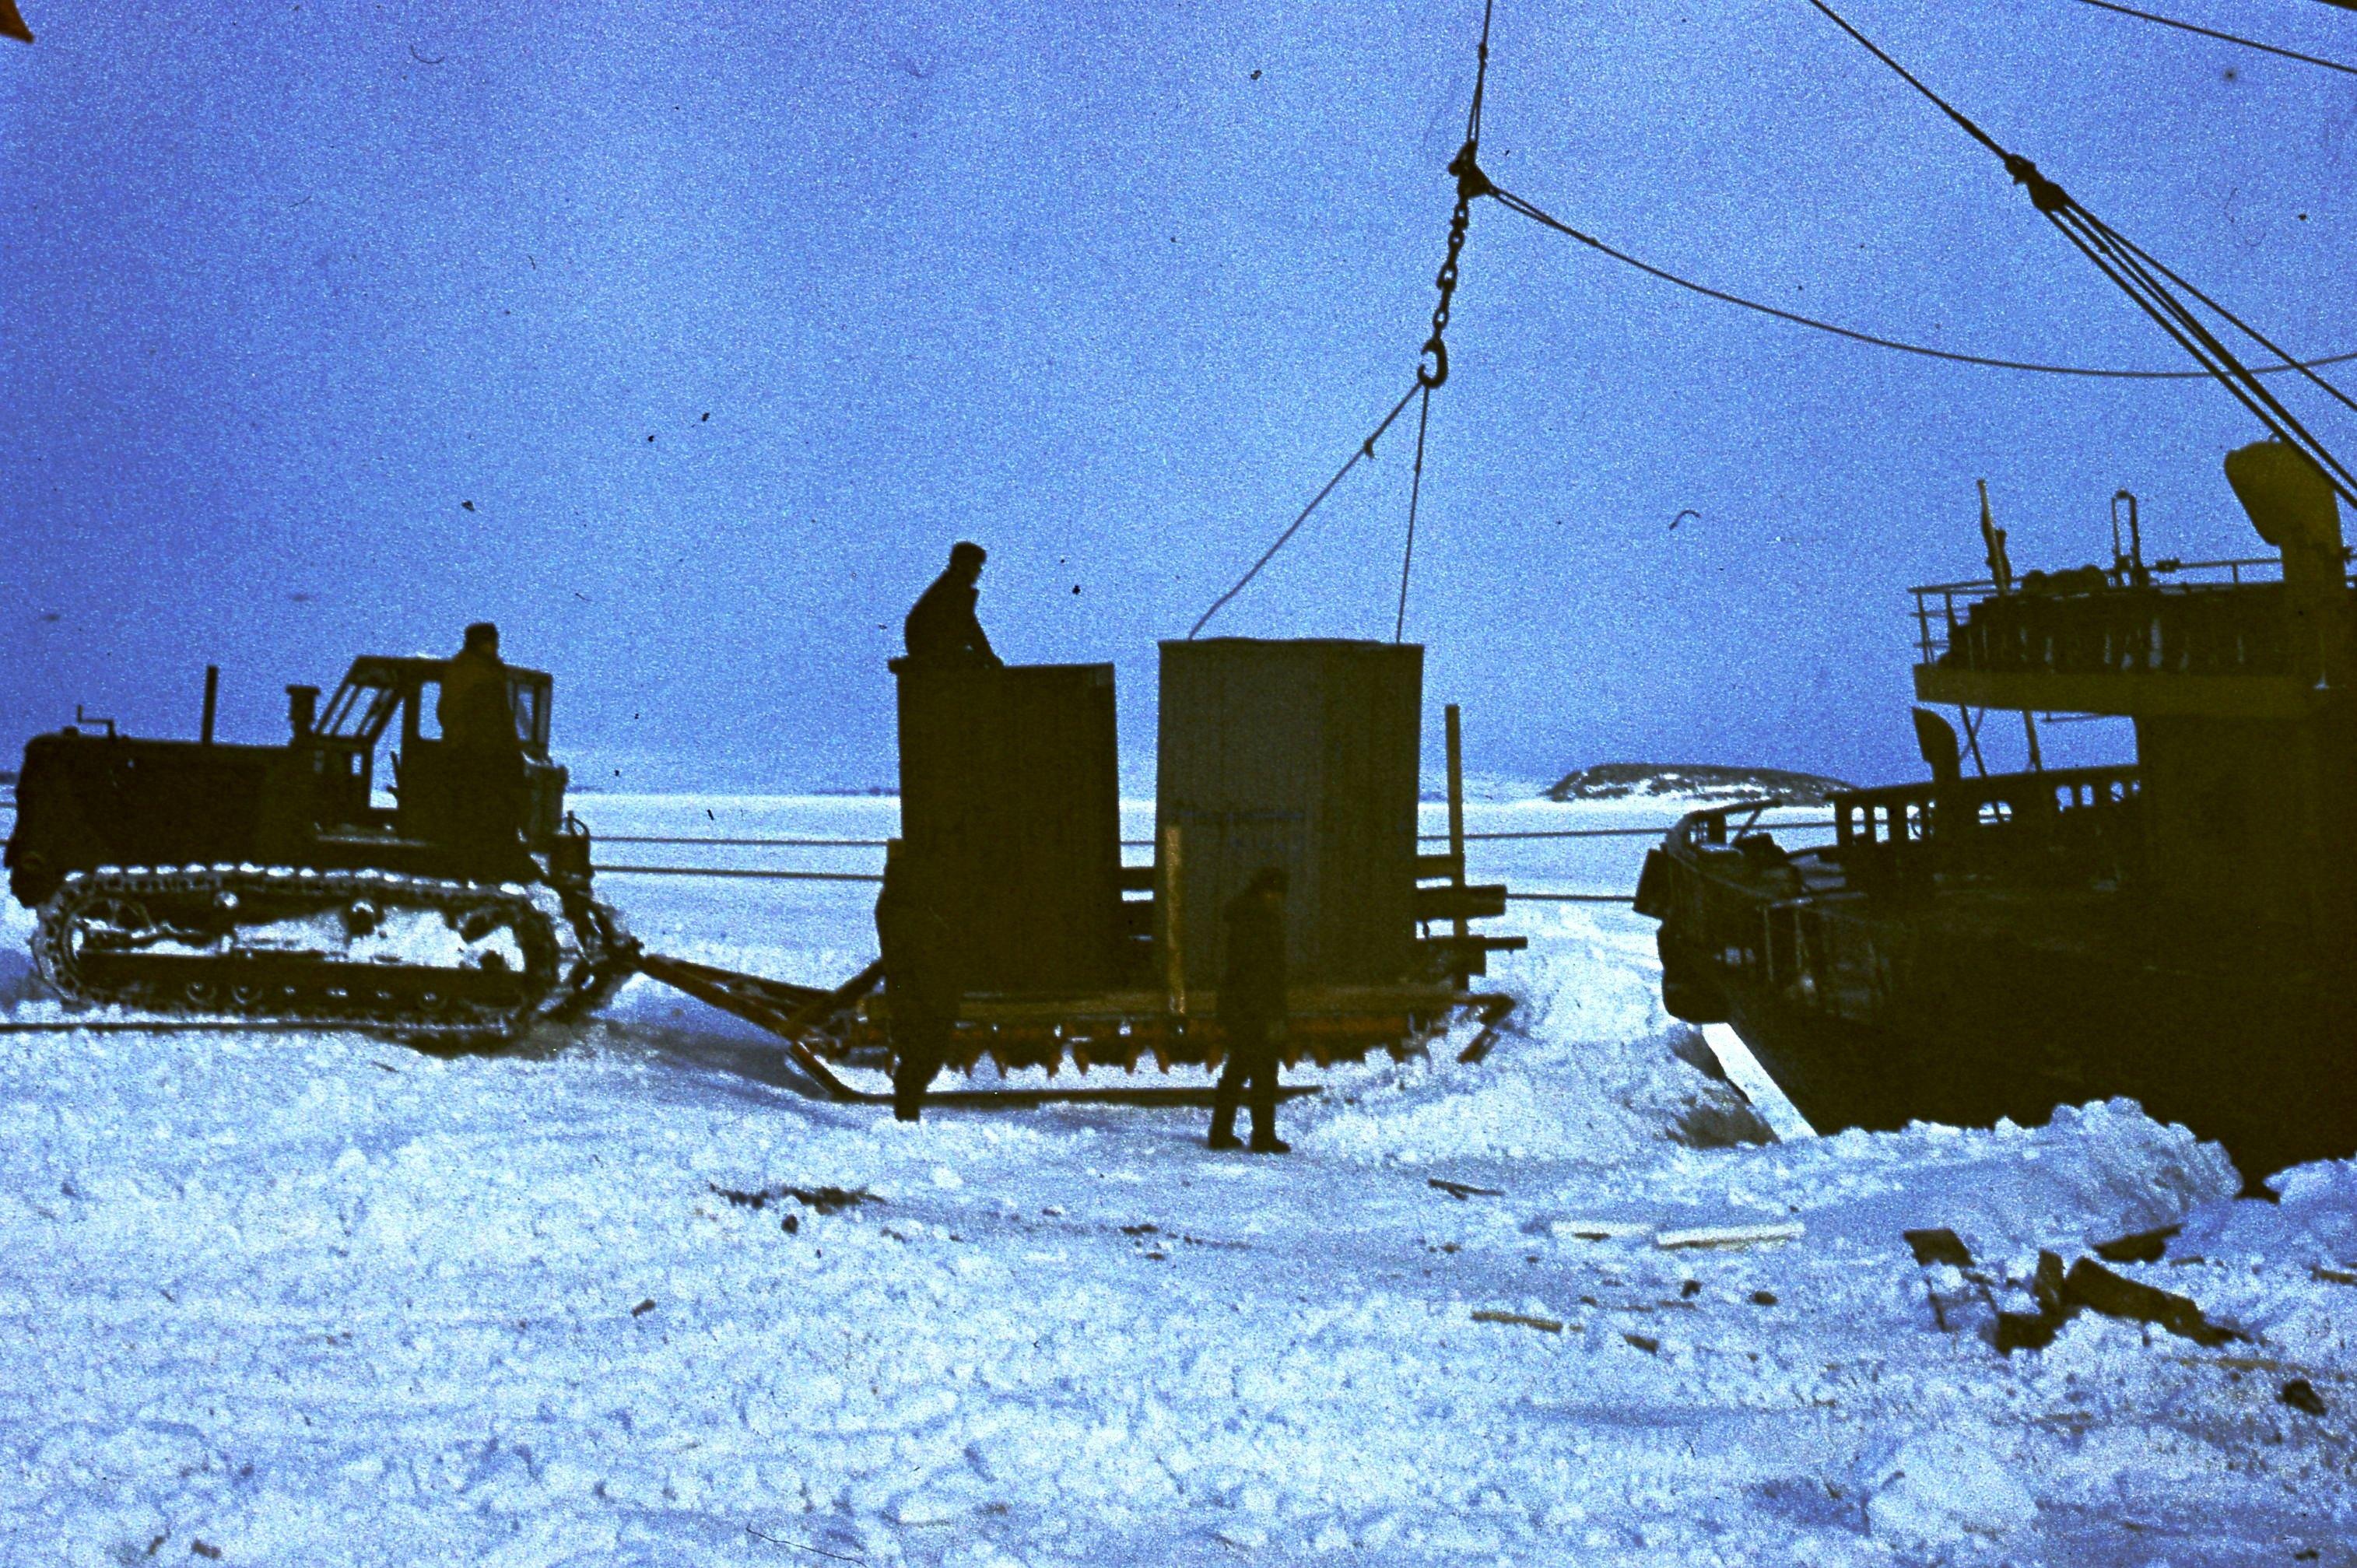 829620 Антарктическая станция _Молодёжная_.jpg